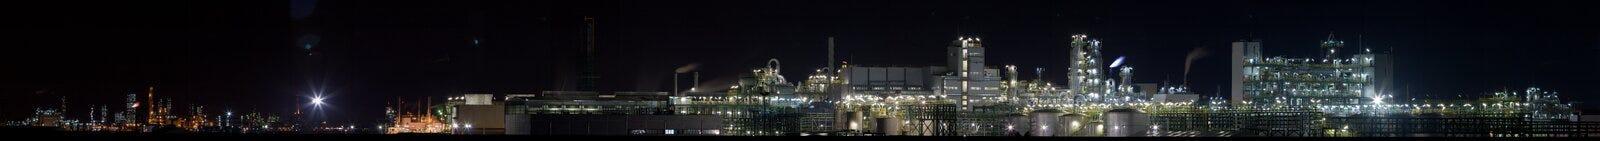 взгляд завода ночи 3 химикатов панорамный Стоковые Фотографии RF